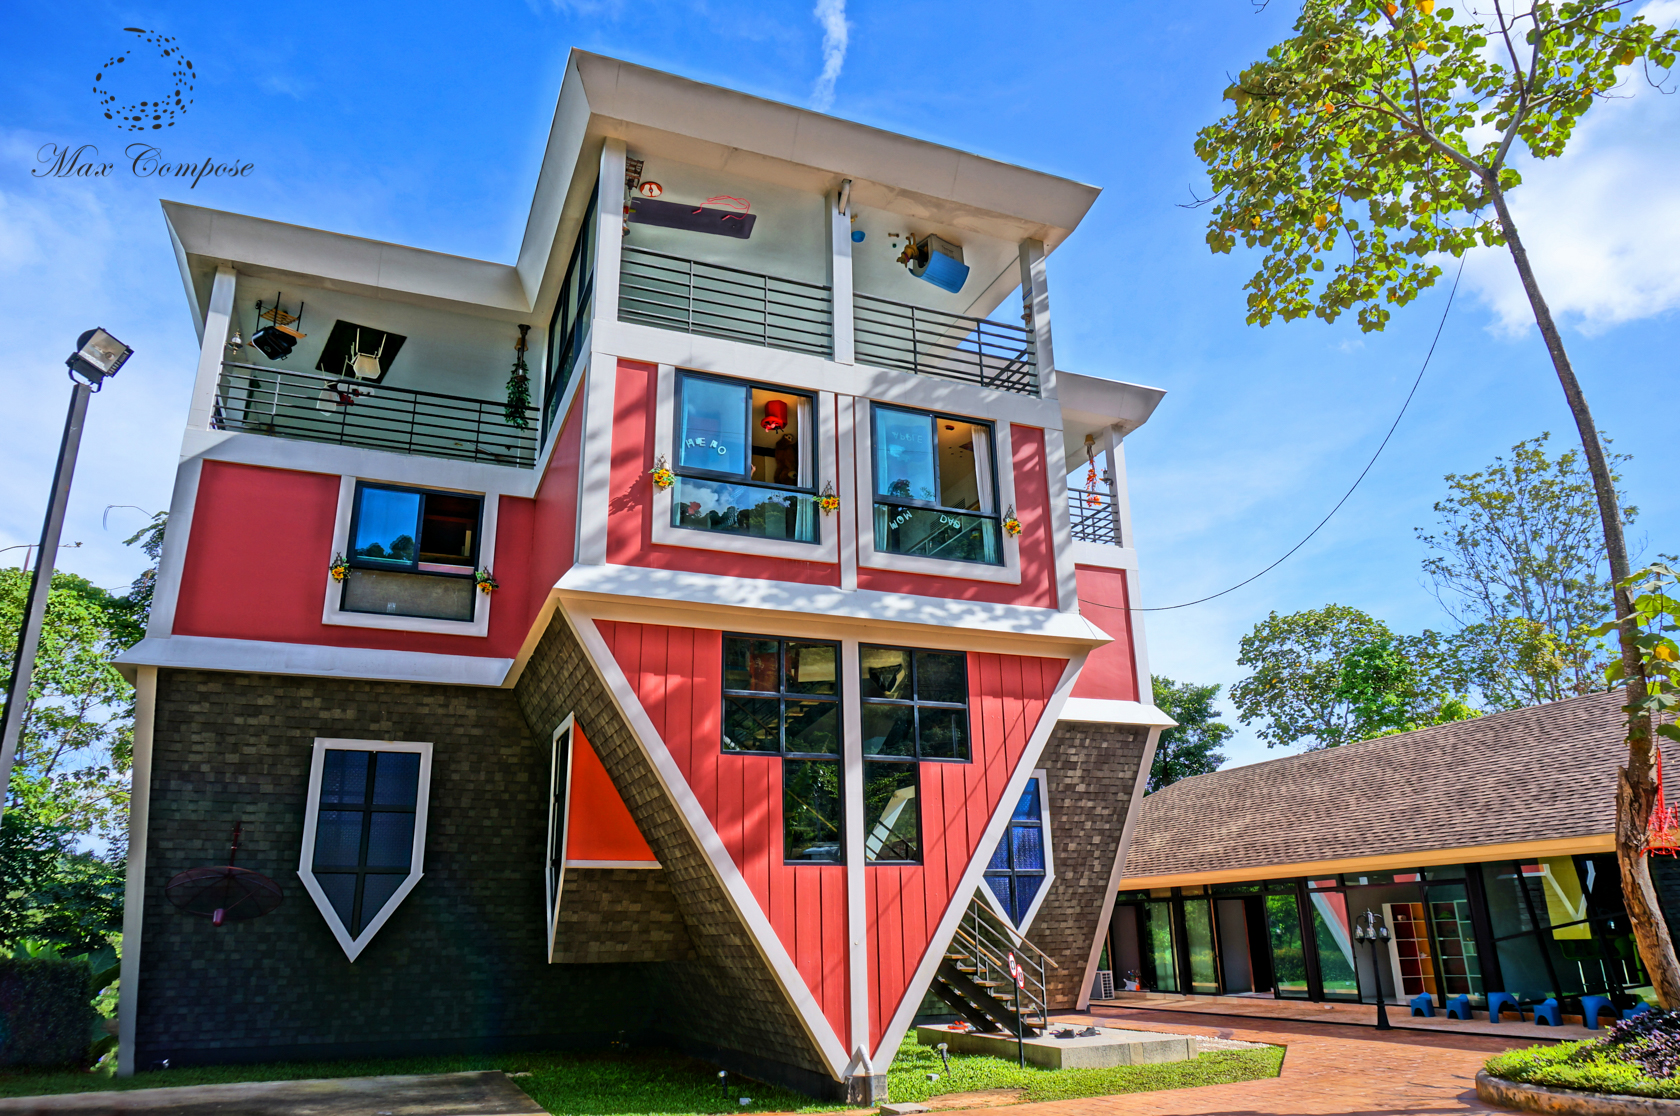 Lối kiến trúc độc đáo ngược đời khiến nhiều du khách tò mò